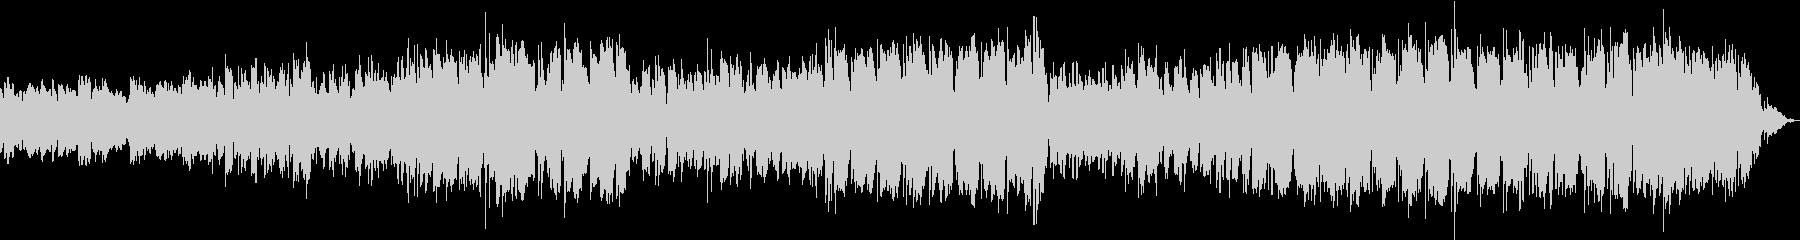 エレクトロな音色がリモートワークに最適の未再生の波形